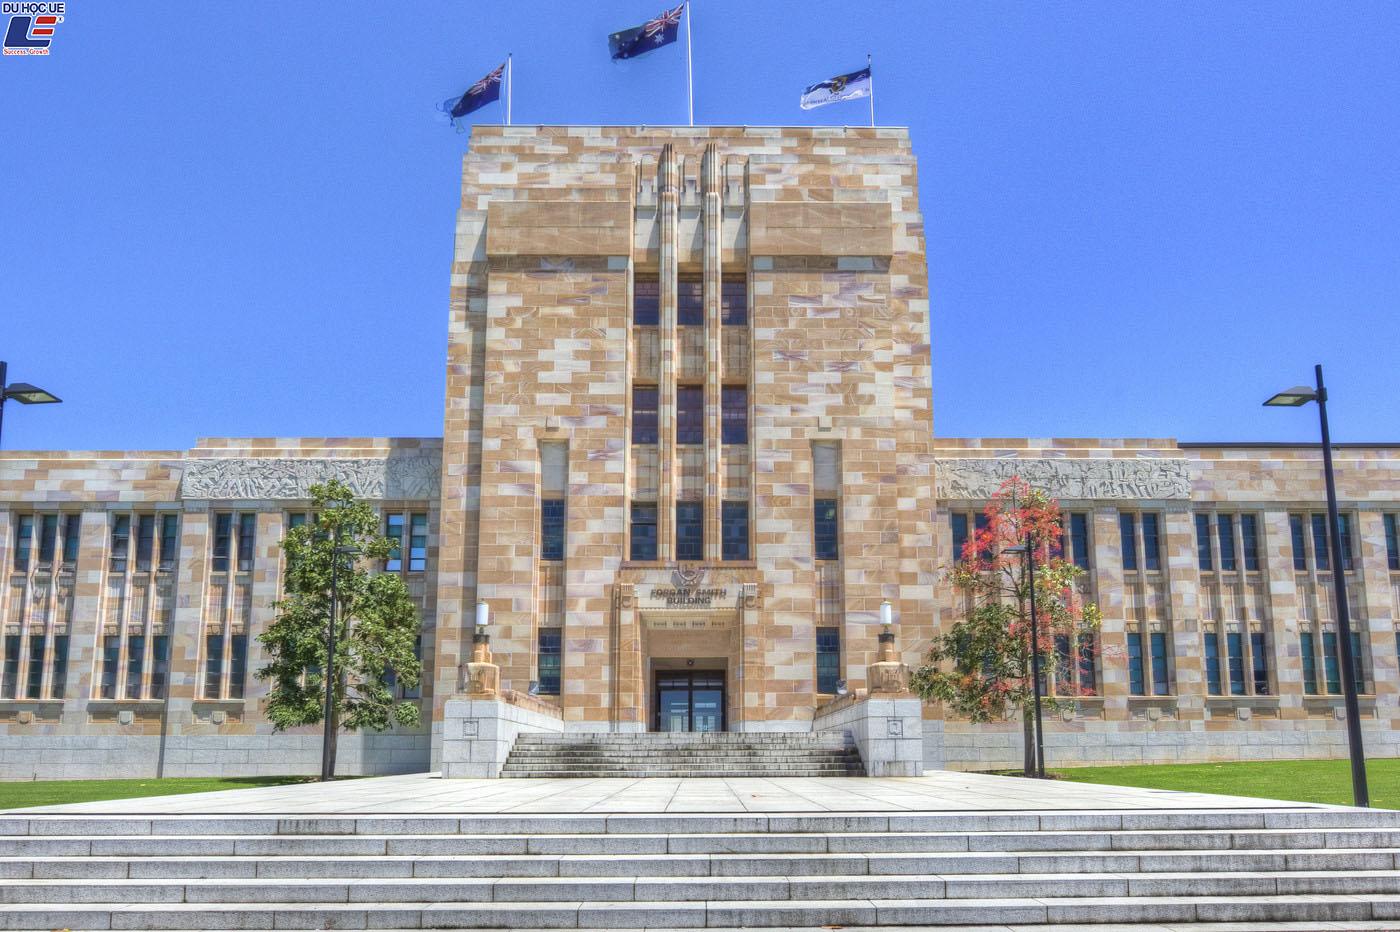 Cận cảnh Go8 - những trường đại học đỉnh nhất nước Úc (phần 2) 3